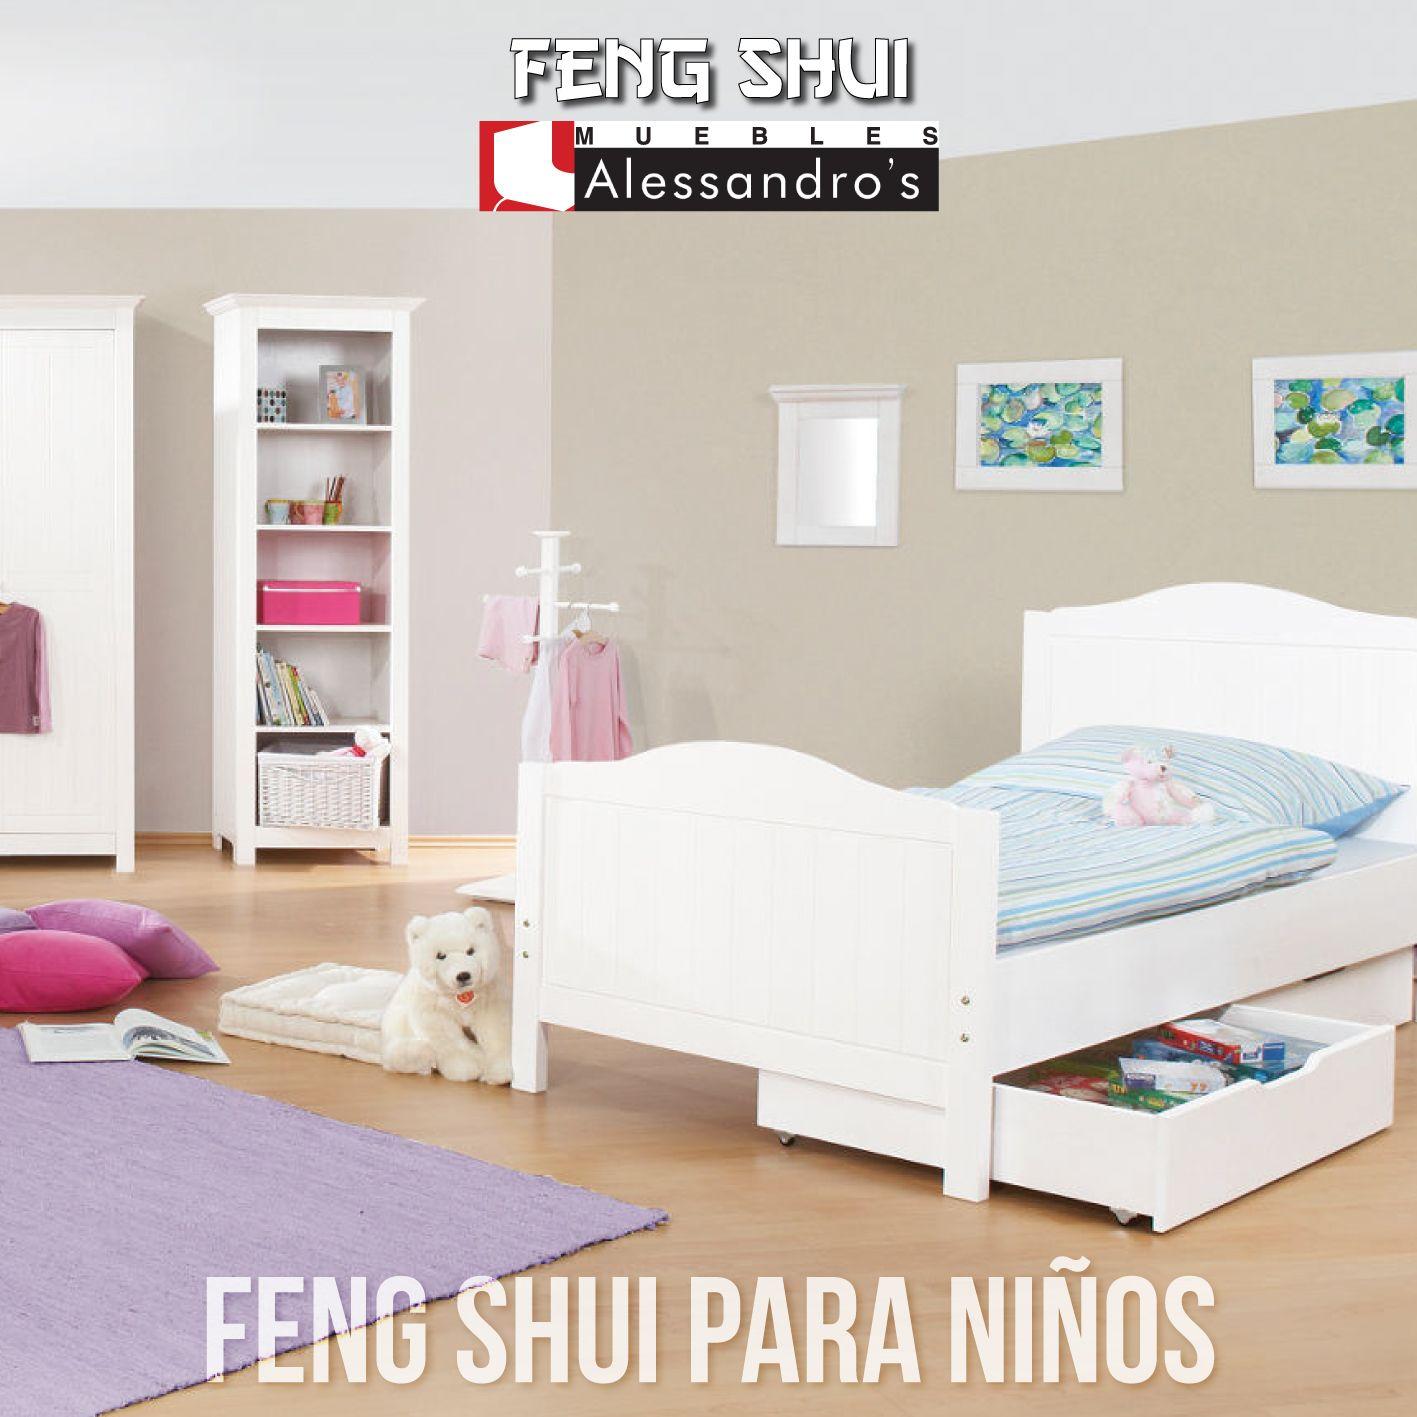 Para decorar el dormitorio de un ni o seg n el feng shui - Colores feng shui para dormitorio ...